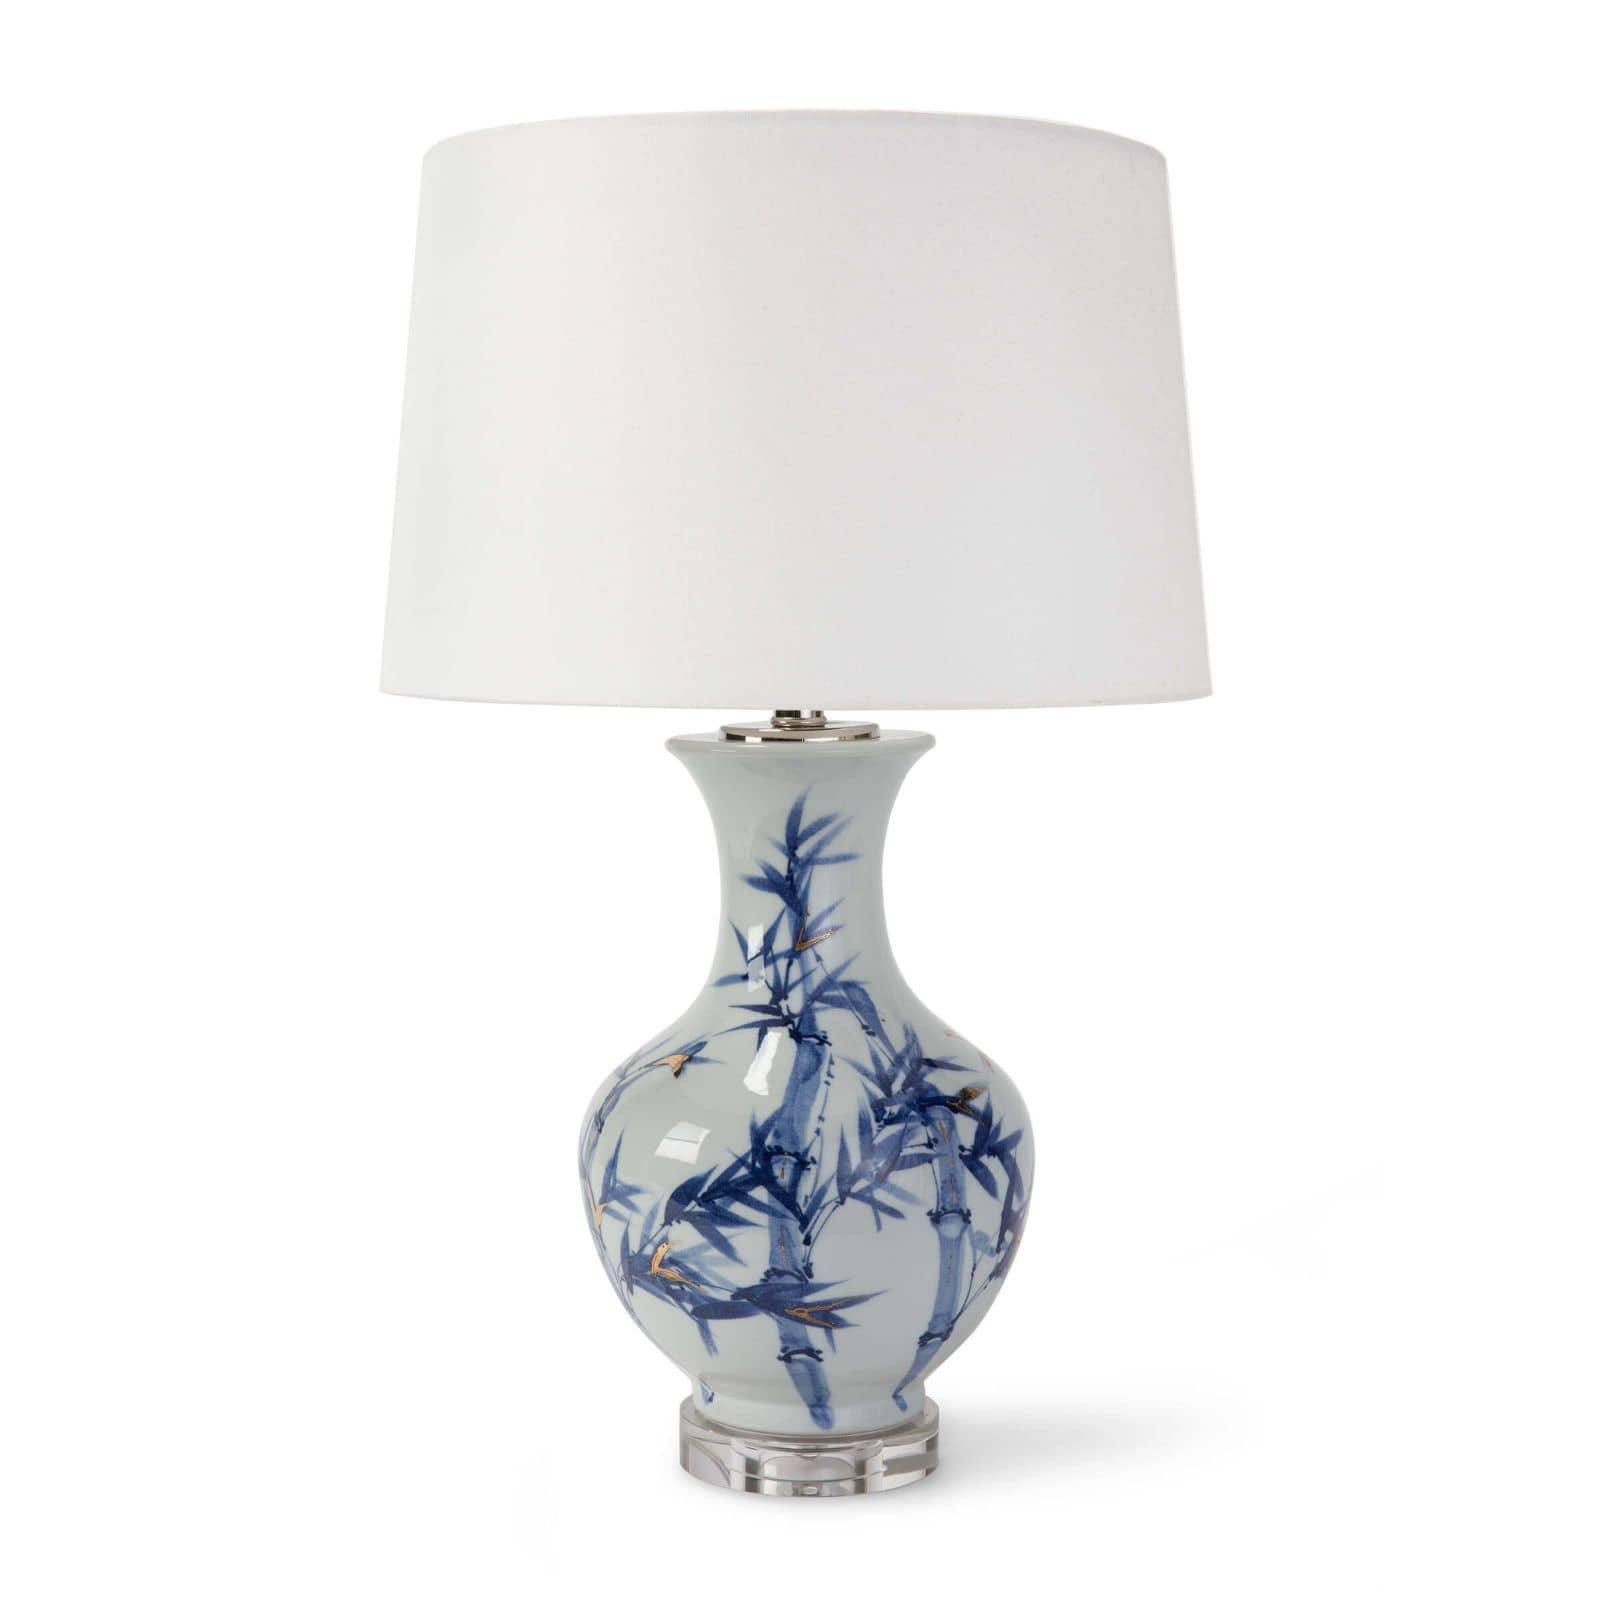 Hanna Ceramic Table Lamp | Regina Andrew